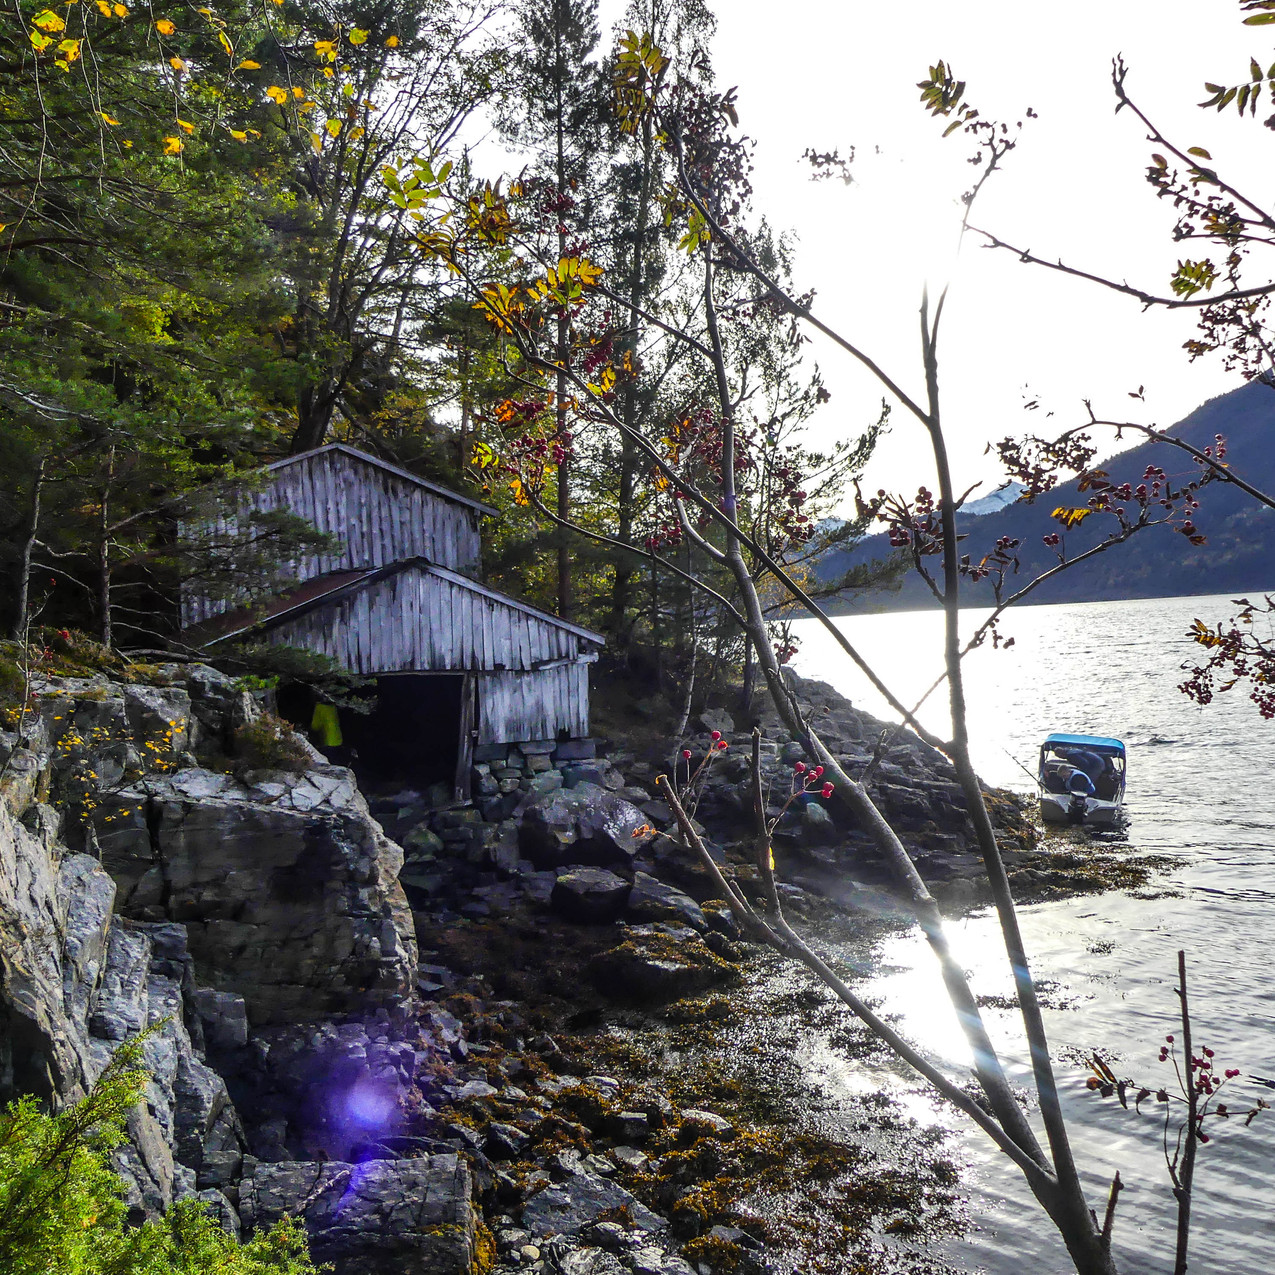 Djupedalen med Storfjordens Venner 19 okt 2017 P1490660-119